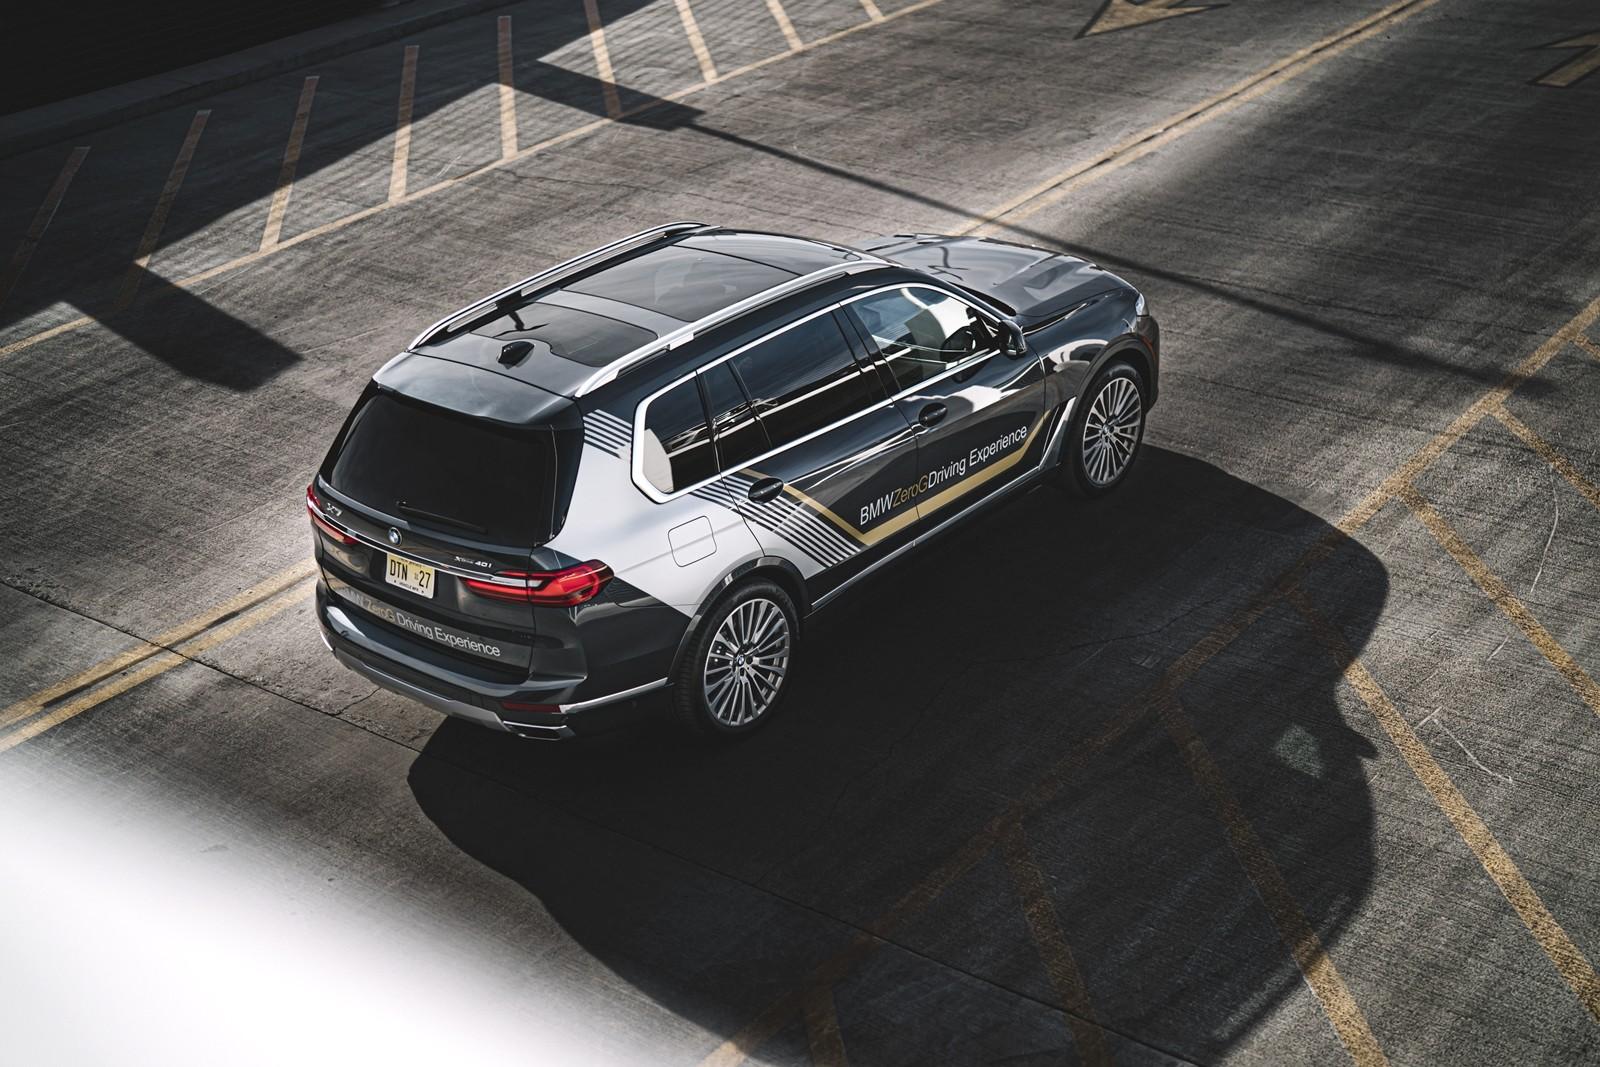 Foto de BMW X7 ZeroG Lounger 2020 (9/15)